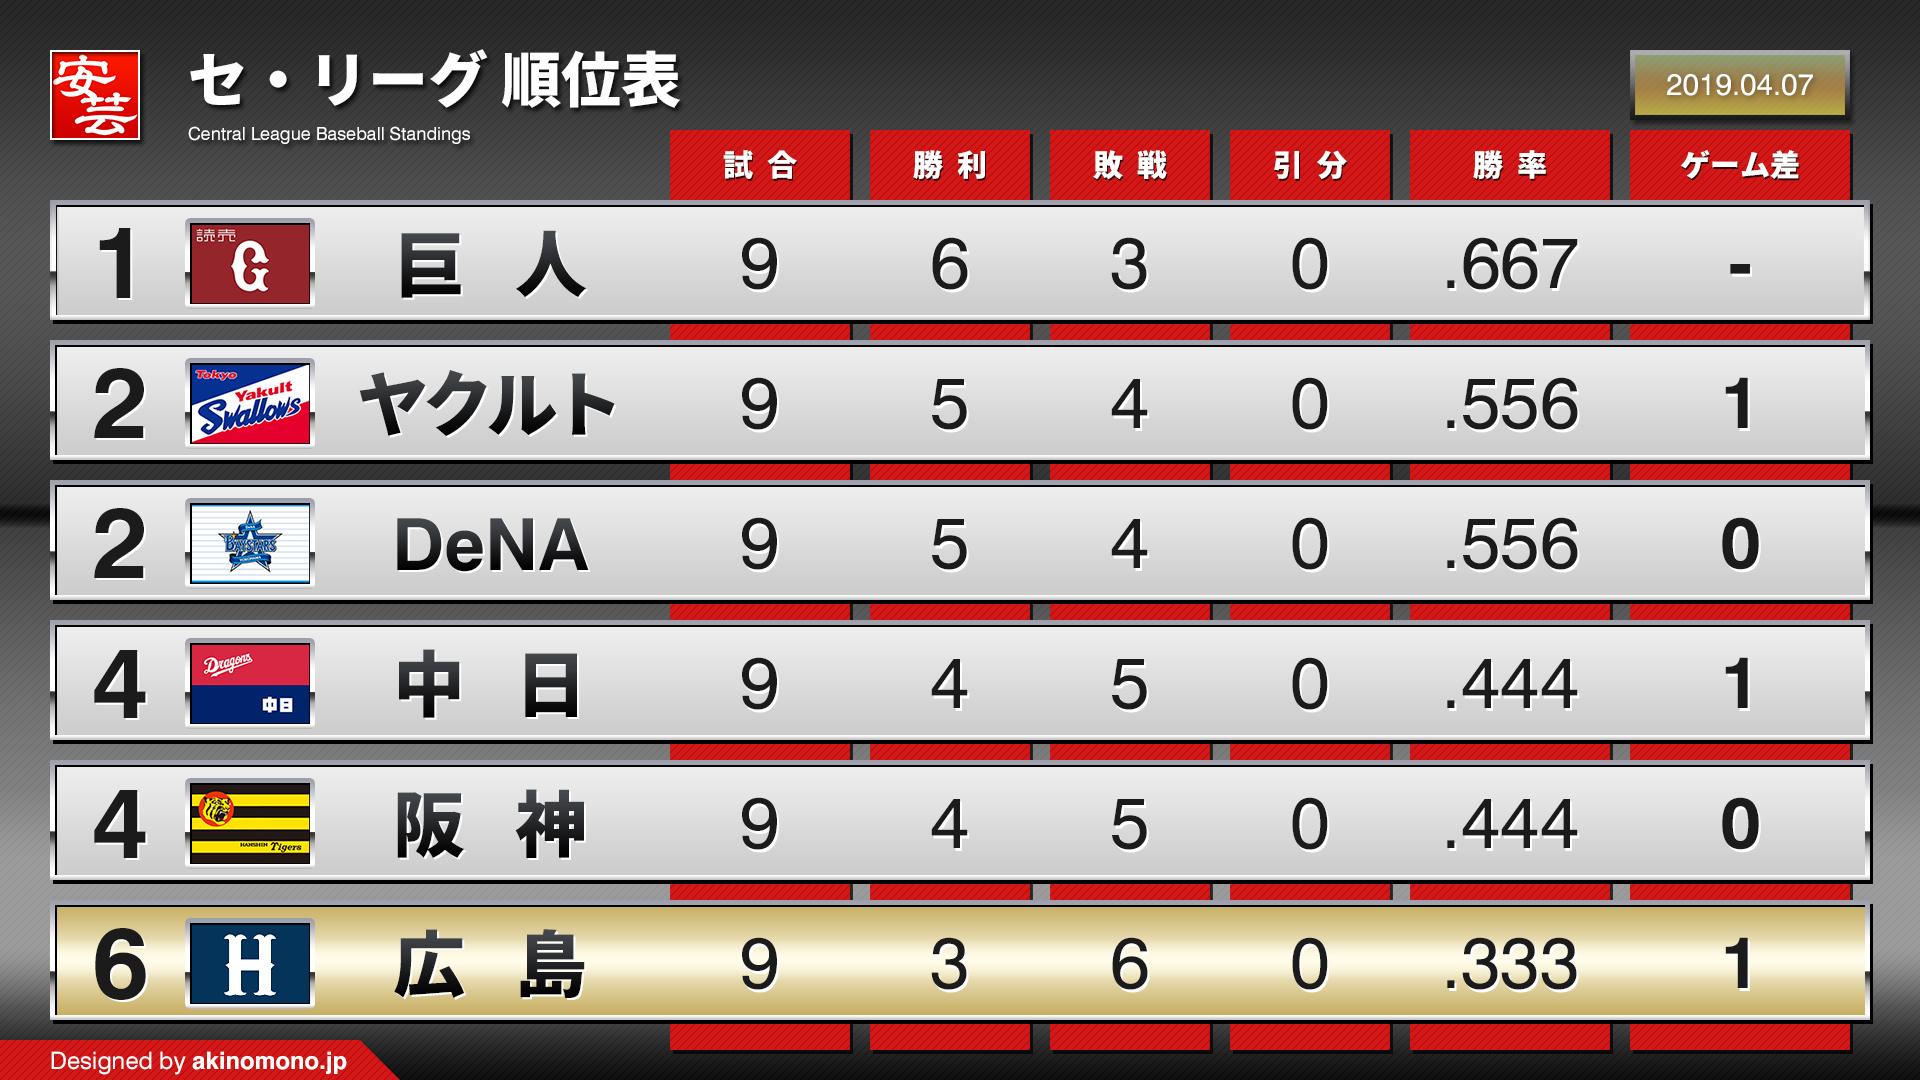 セリーグ 順位 2019 最新 2019年度版 セ・リーグ順位表 - baseballdata.jp